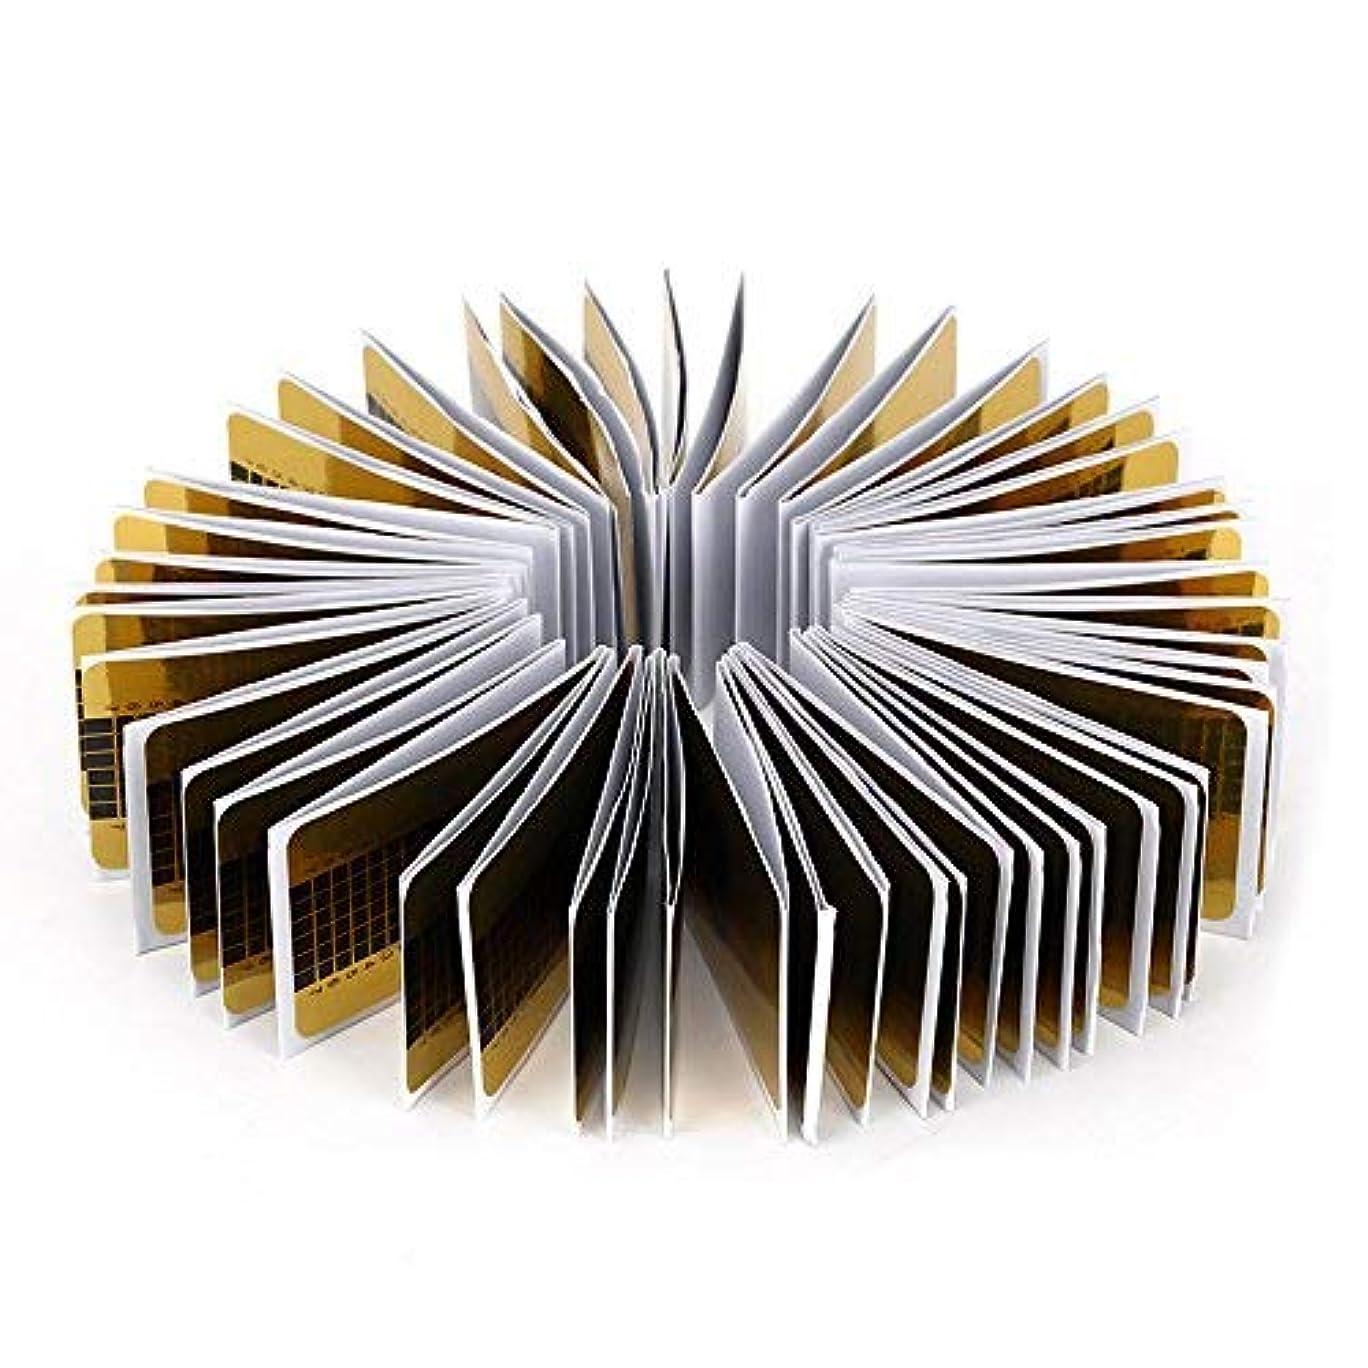 ステープルフェードカビMilent ネイルフォーム 長さだしジェルネイルフォーム プロ用 使い捨て 紙製 100枚入れ